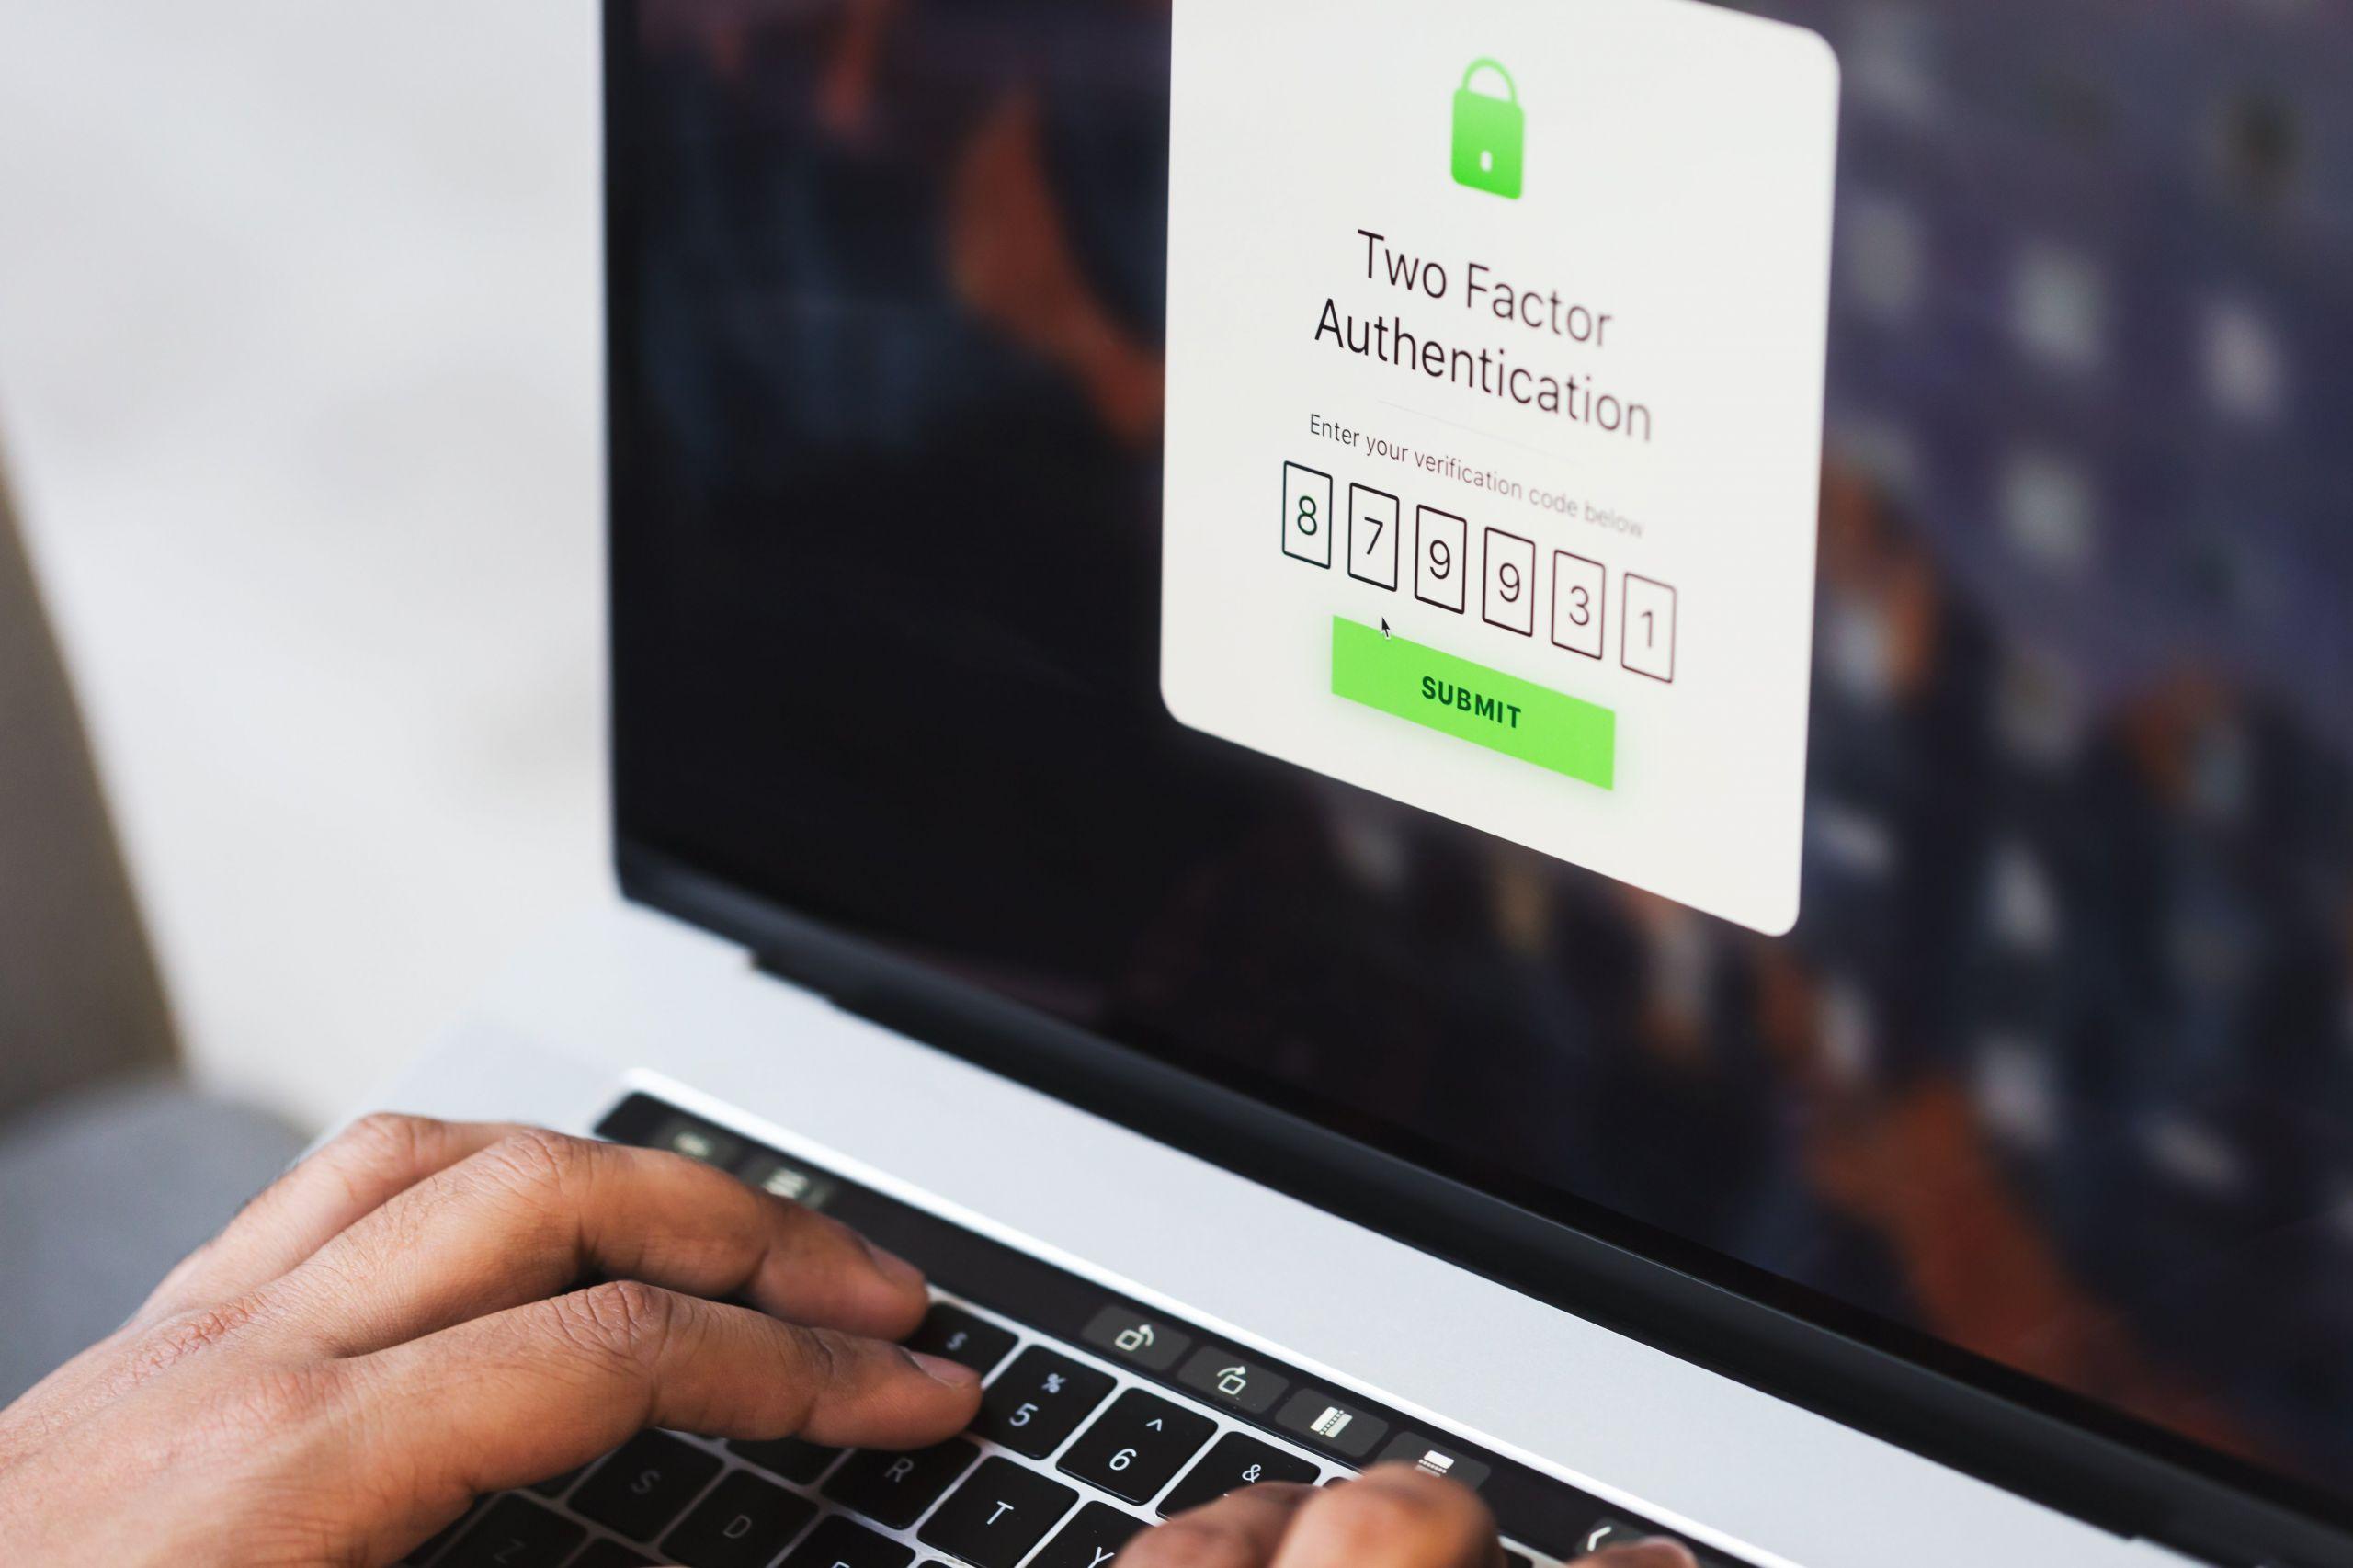 Приложение для двухфакторной авторизации на экране MacBook Pro